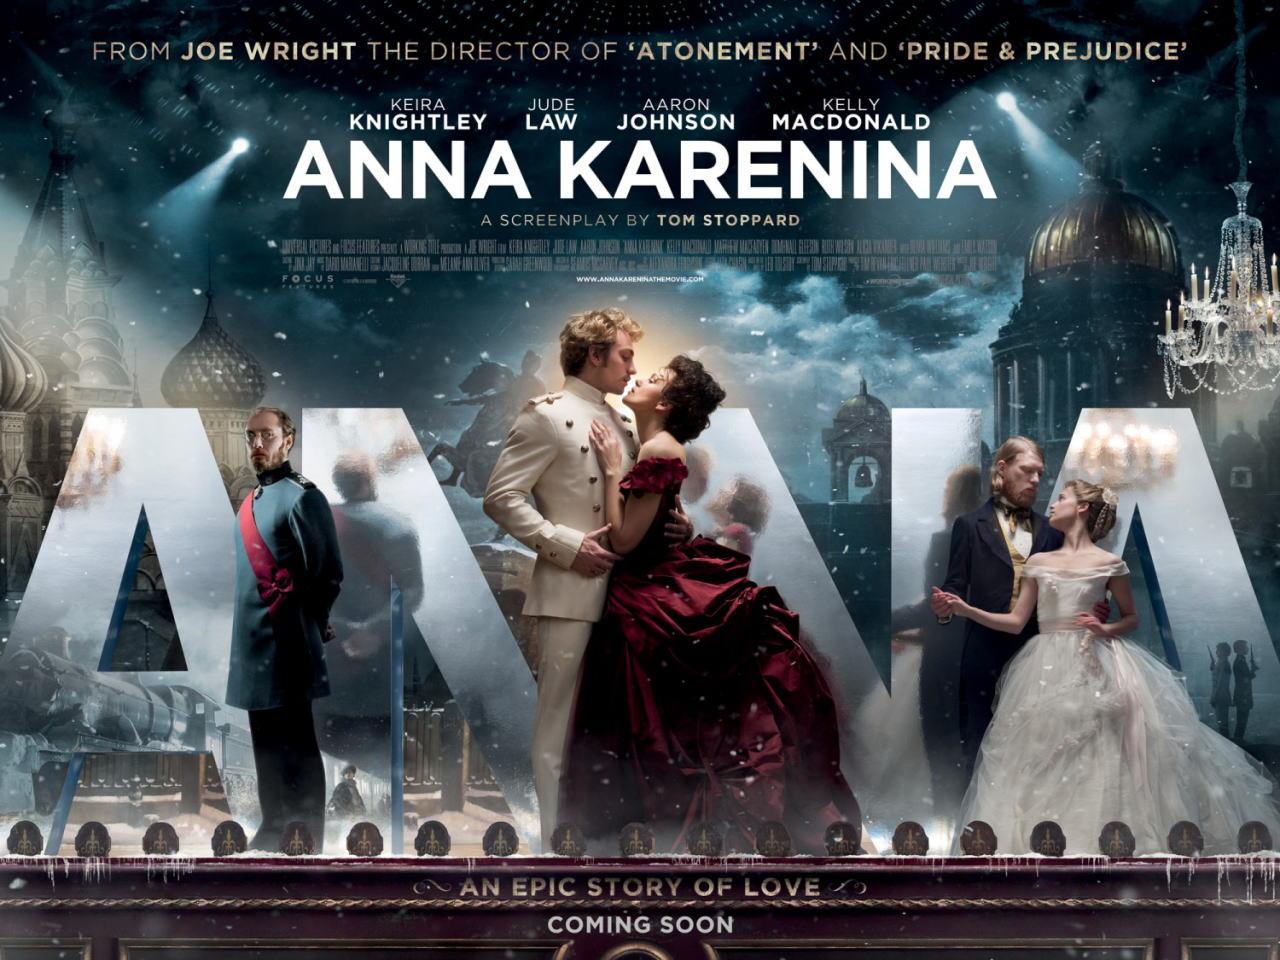 映画『アンナ・カレーニナ ANNA KARENINA』ポスター(4) ▼ポスター画像クリックで拡大します。